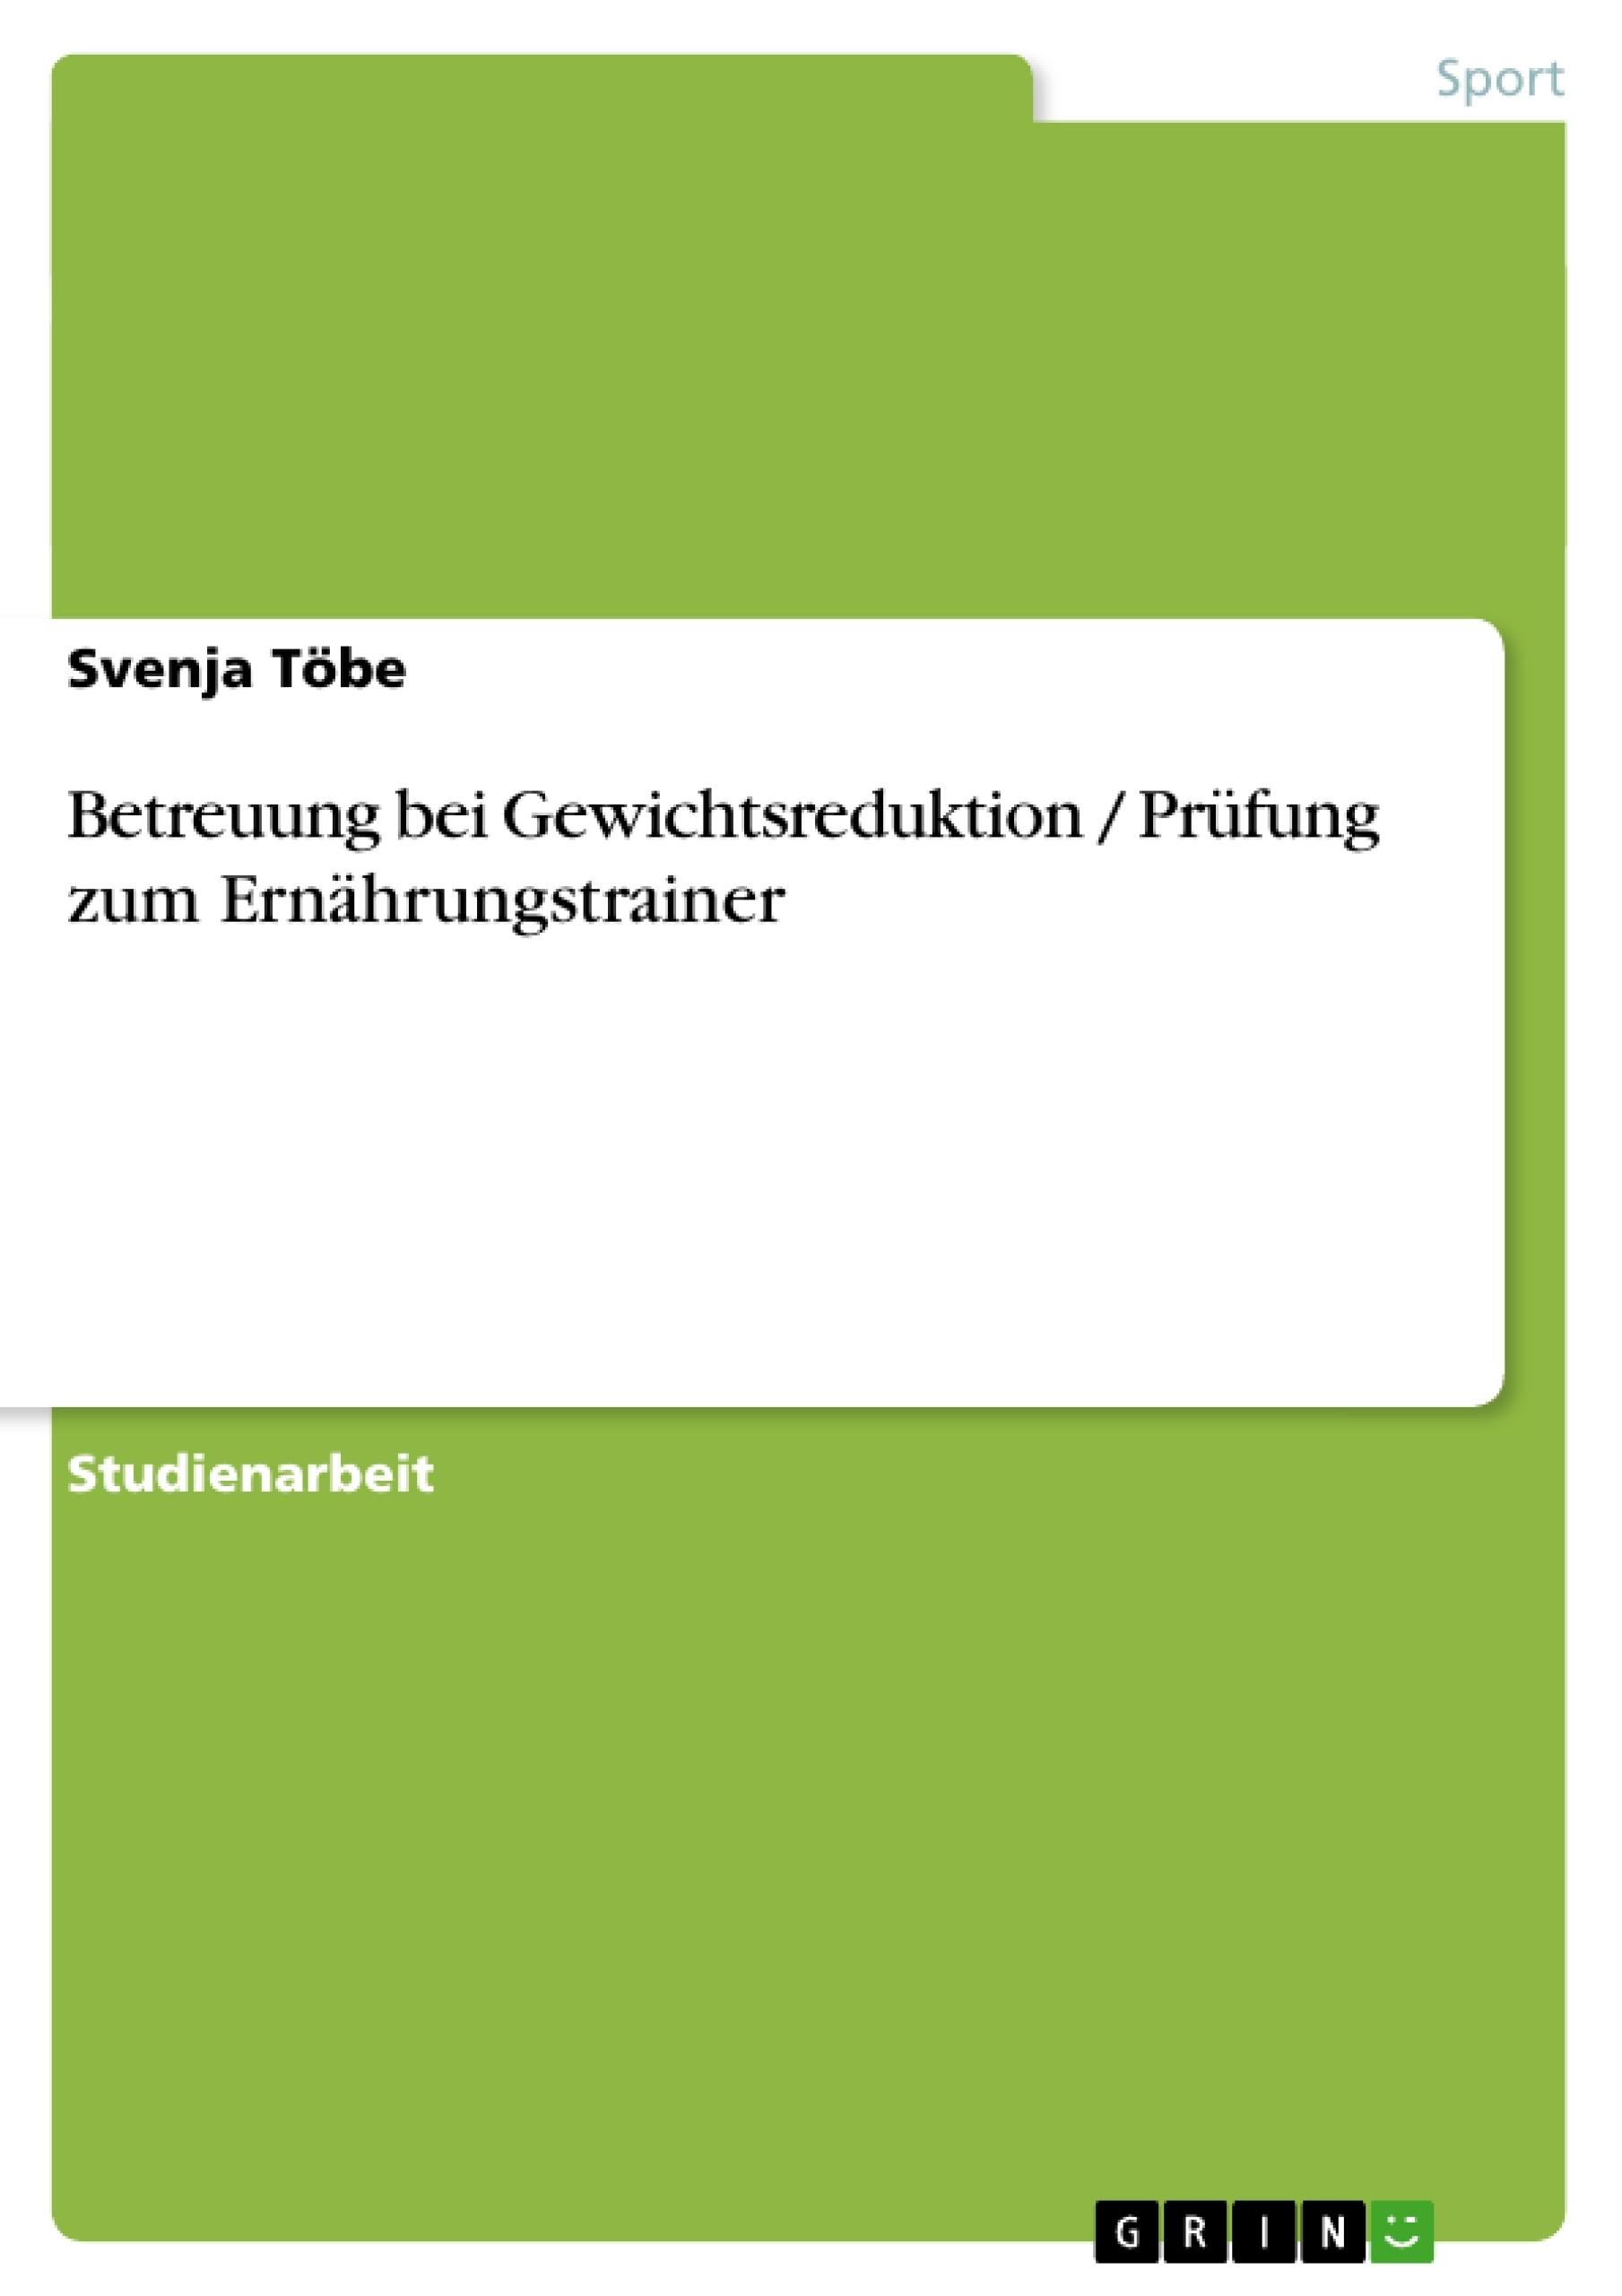 Titel: Betreuung bei Gewichtsreduktion / Prüfung zum Ernährungstrainer